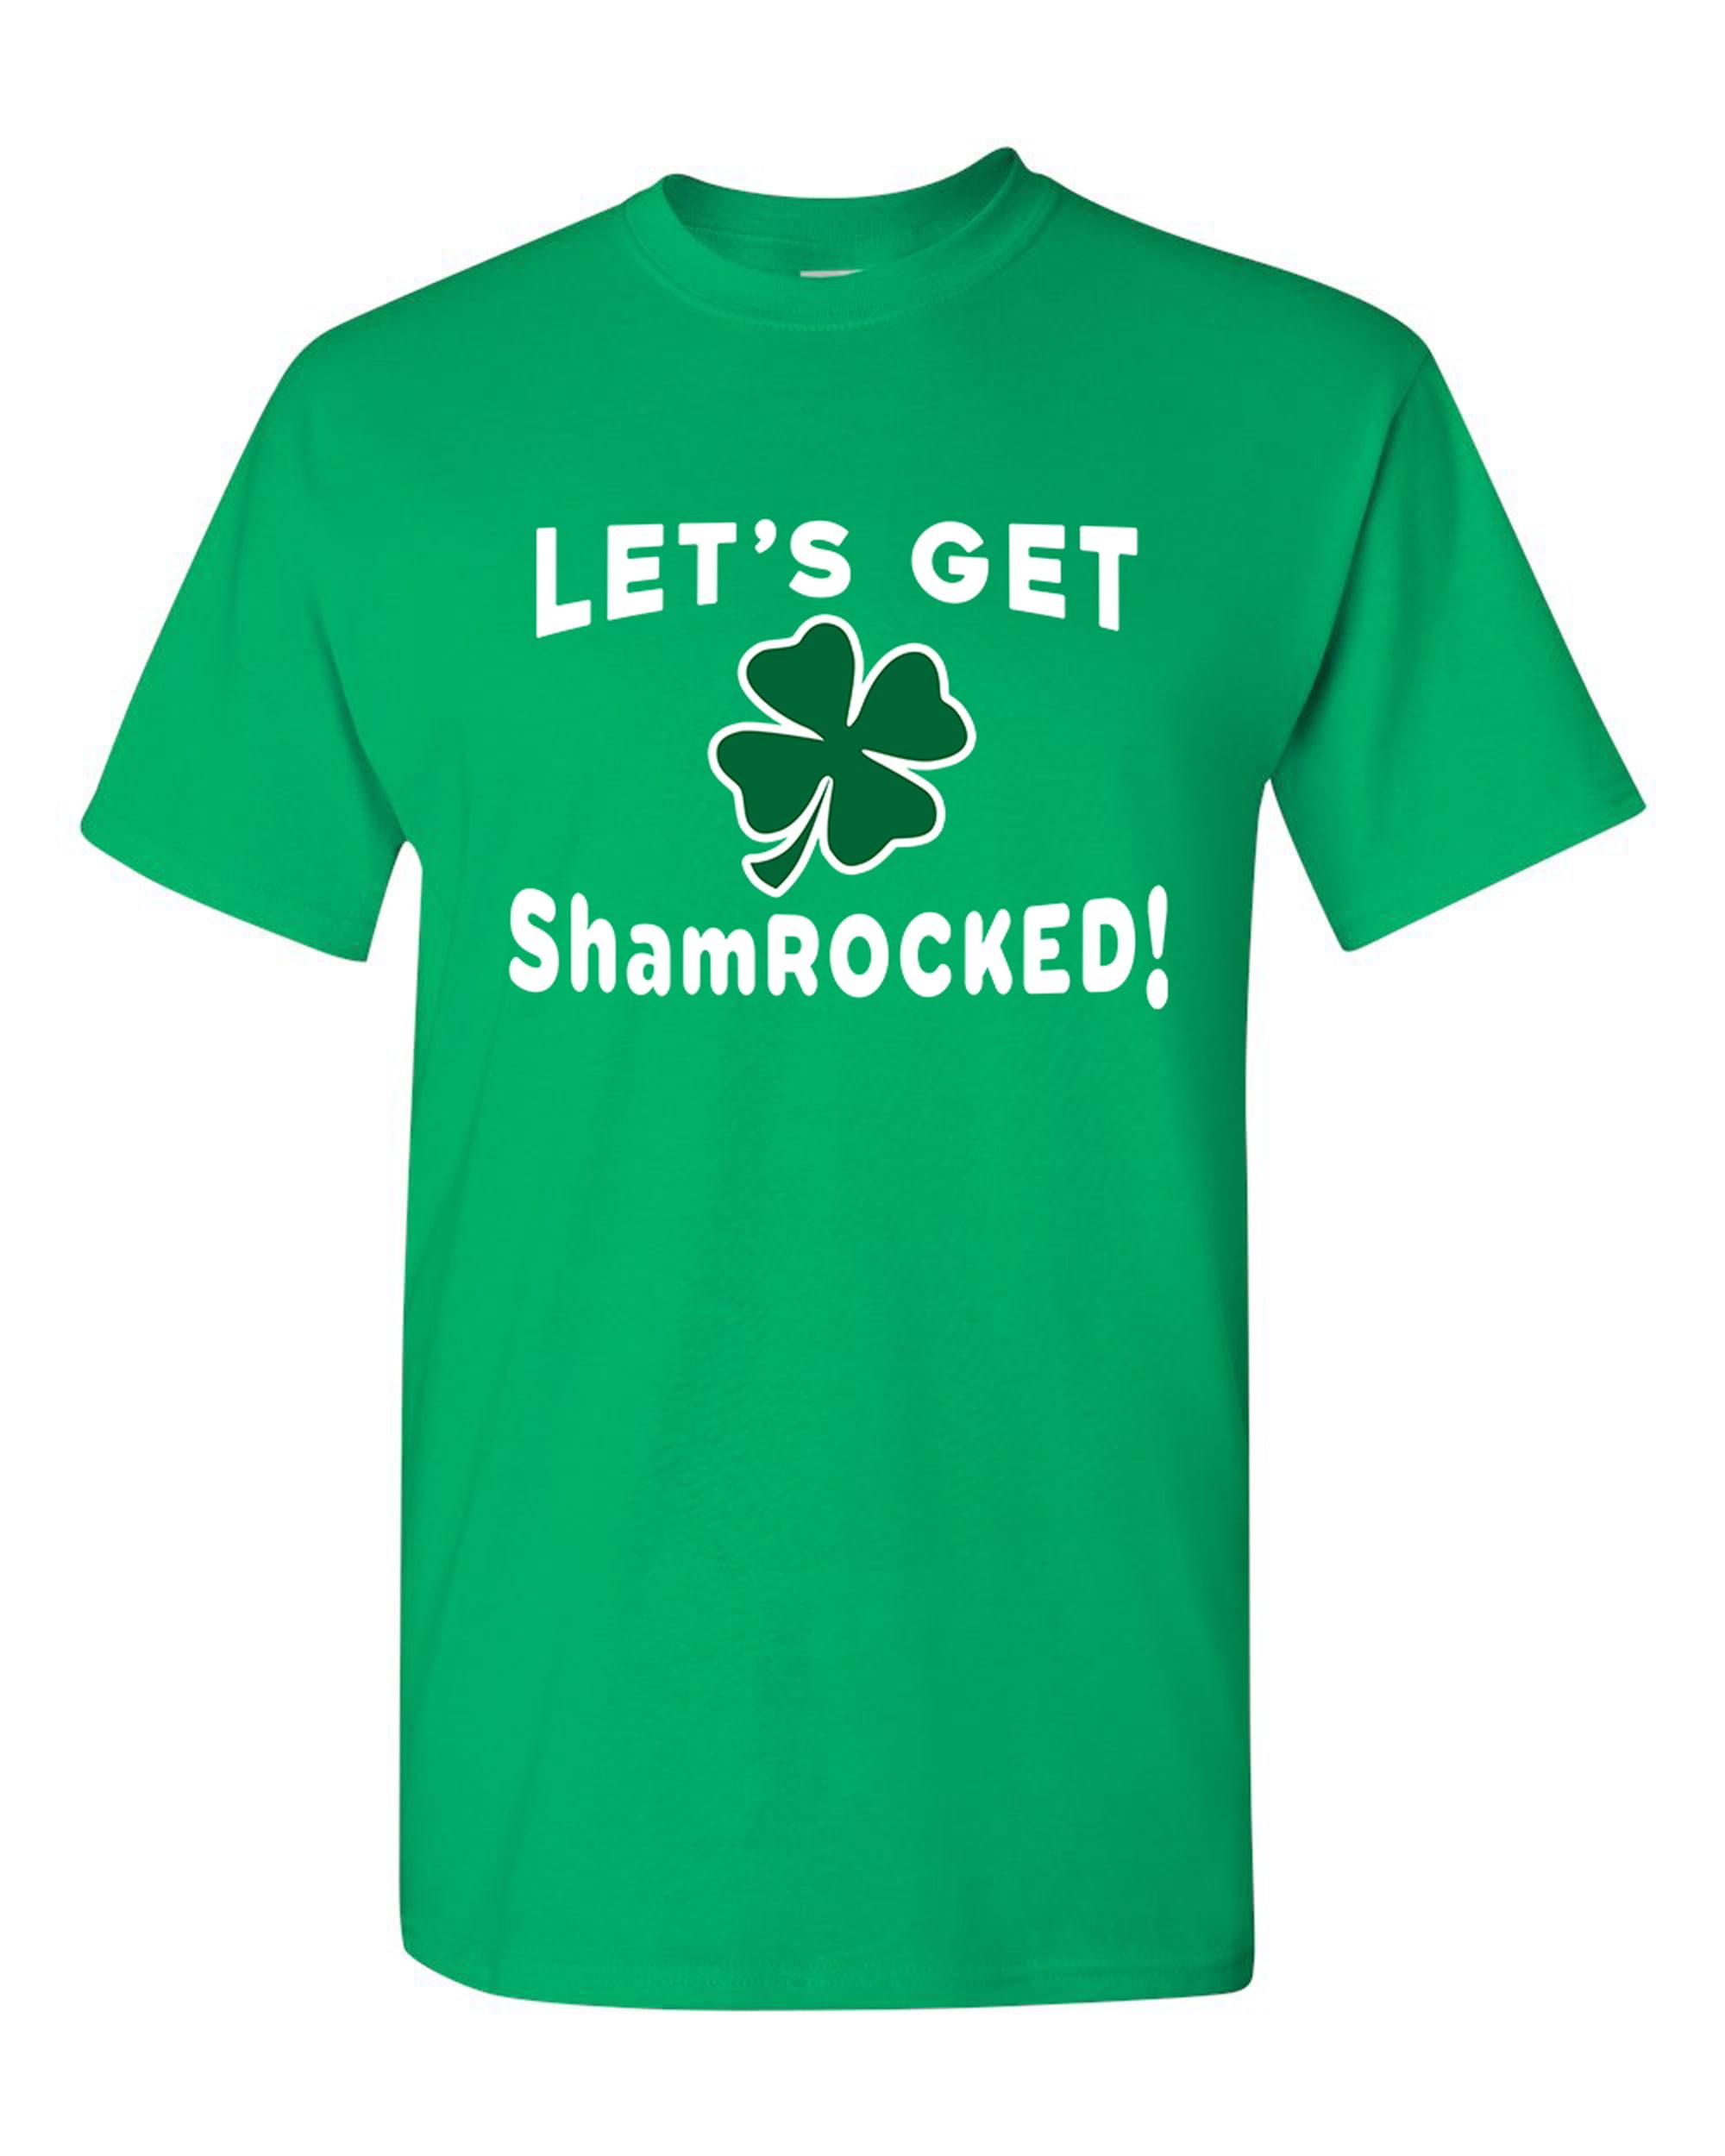 Let's Get ShamROCKED! Shamrock St. Patrick's Day Funny DT Adult T-Shirt Tee